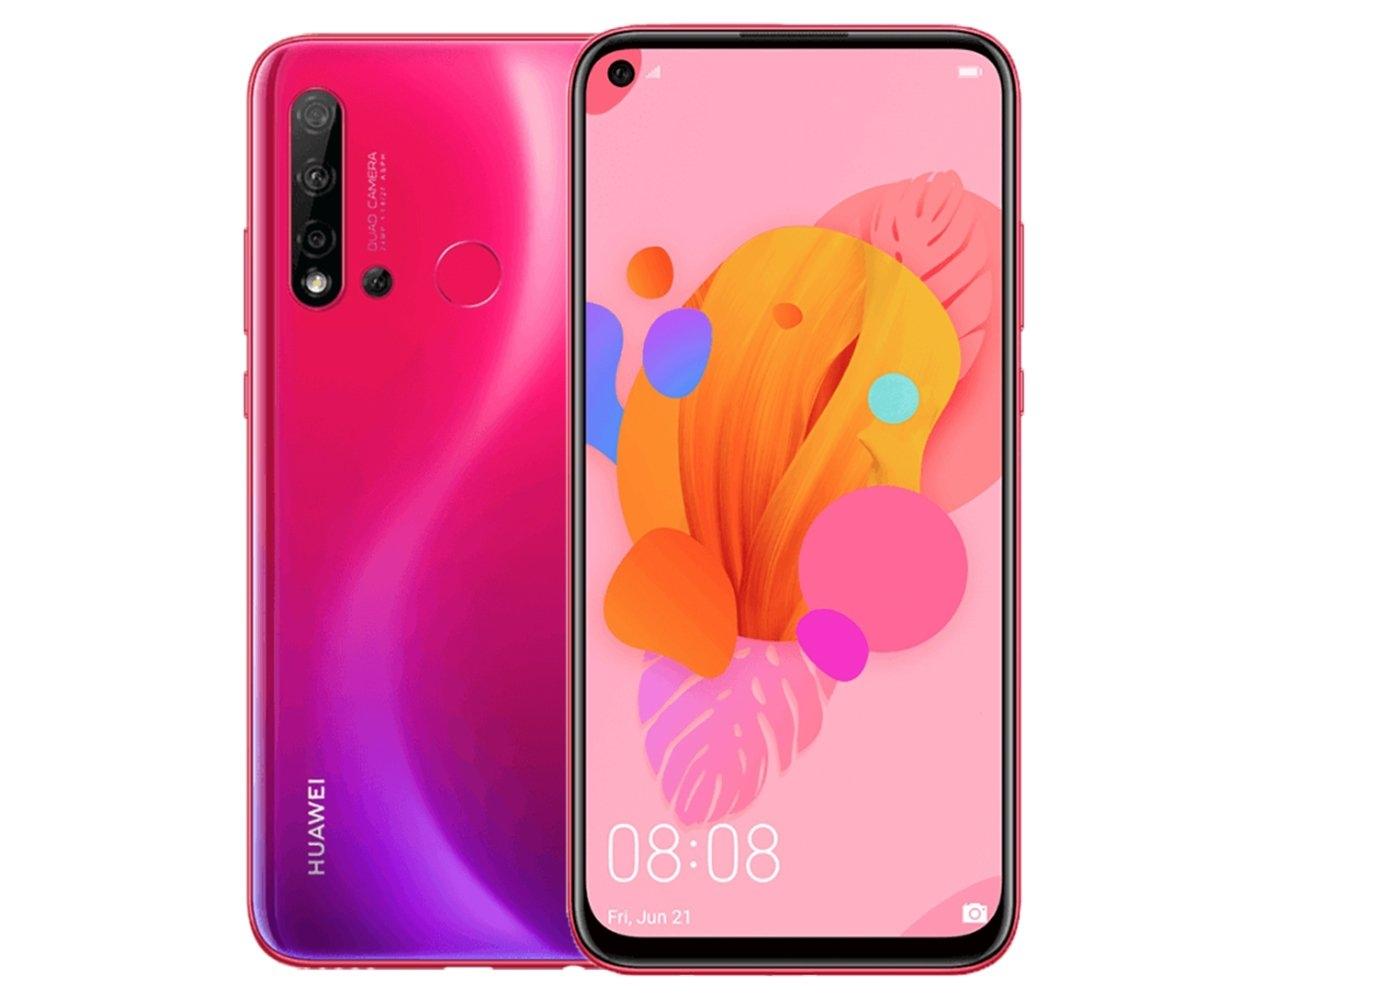 Официальные рендеры Huawei P20 Lite 2019 с отверстием в дисплее2